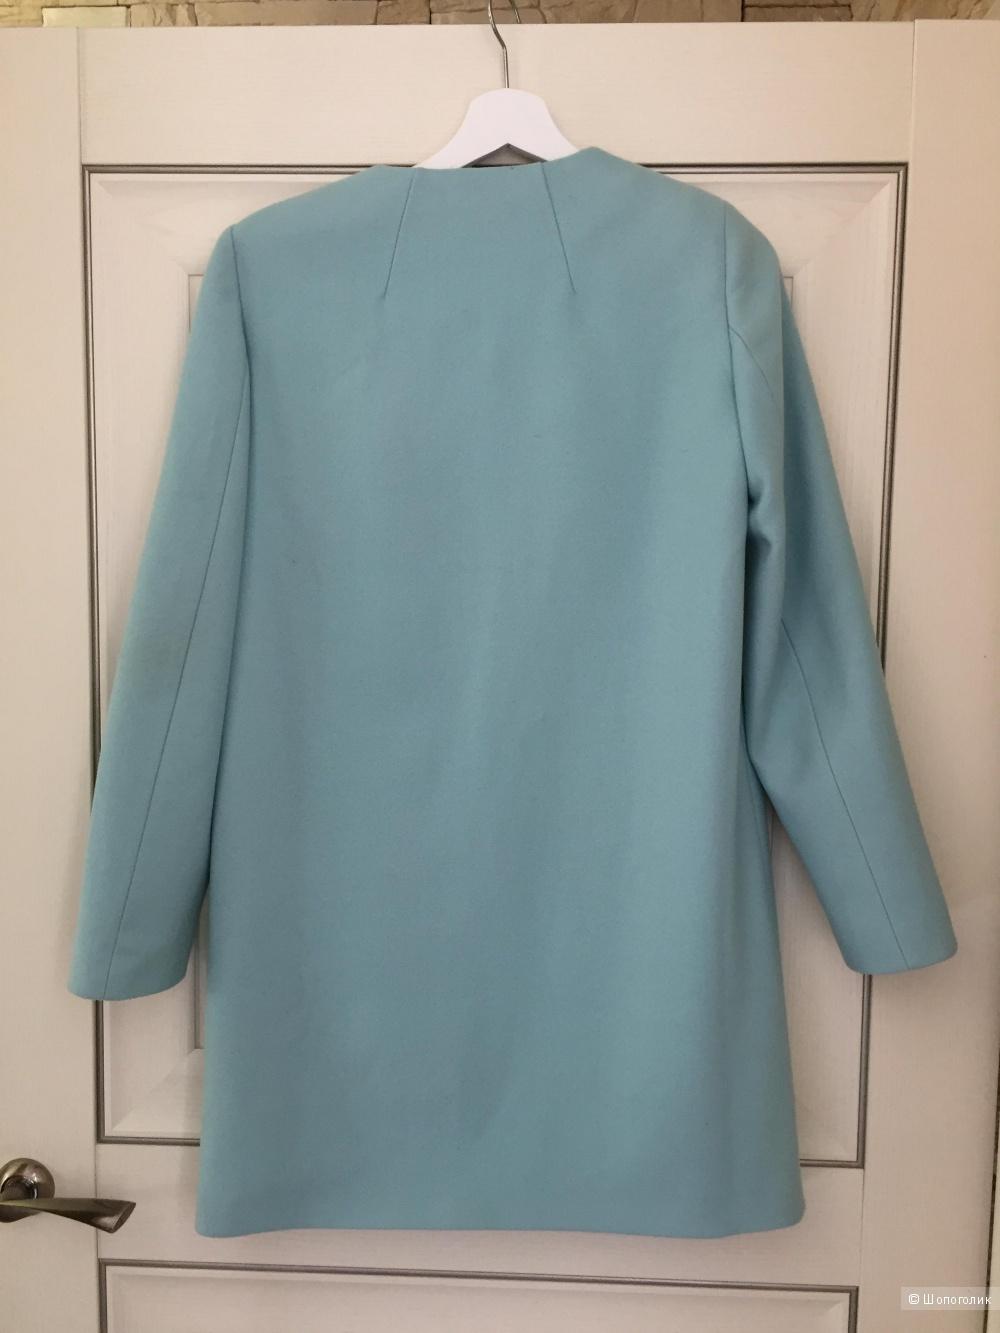 Пальто Benetton, размер М, б/у